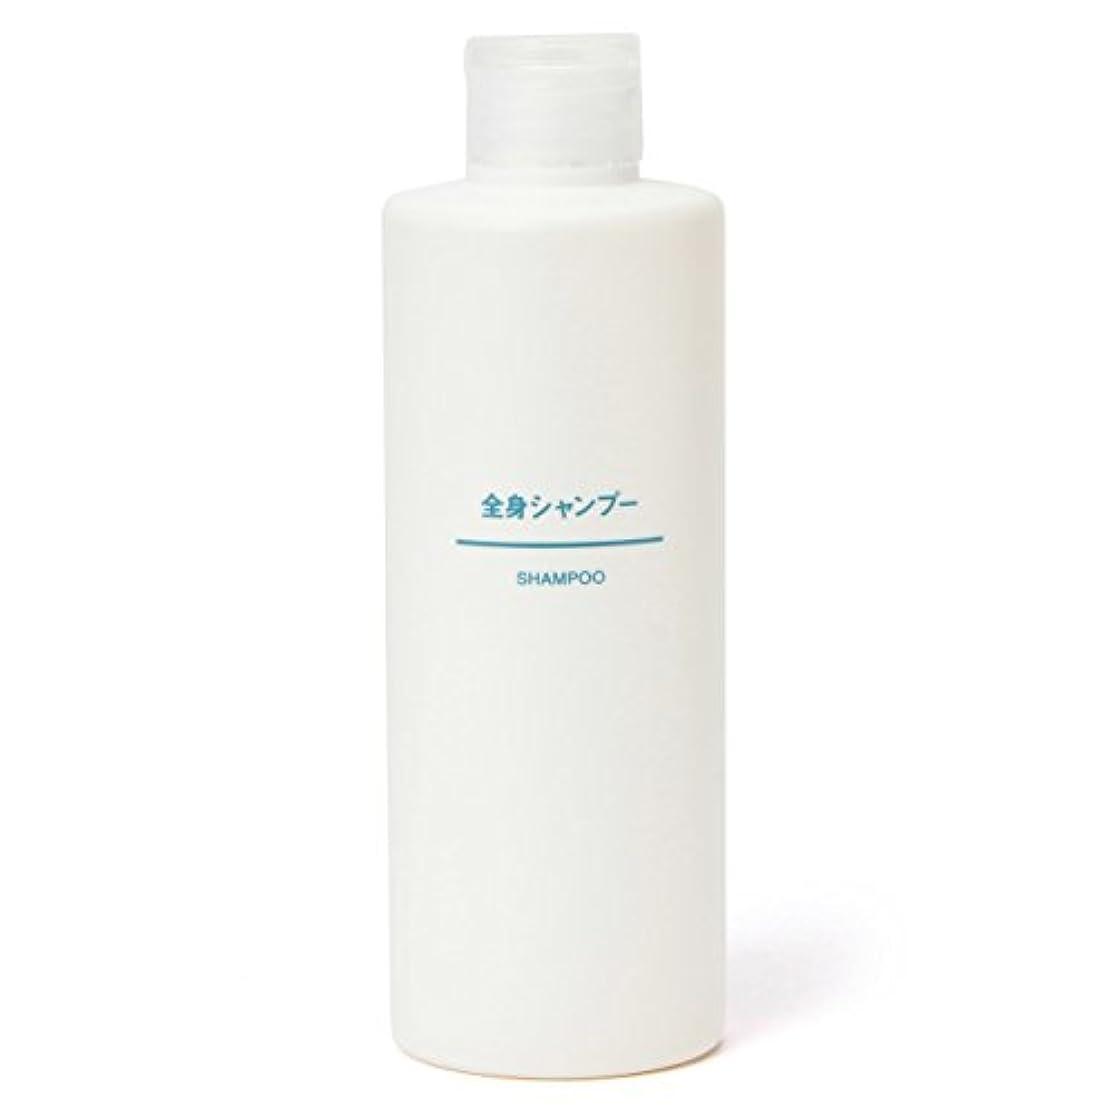 火薬テレマコス乳白無印良品 全身シャンプー 300ml 日本製